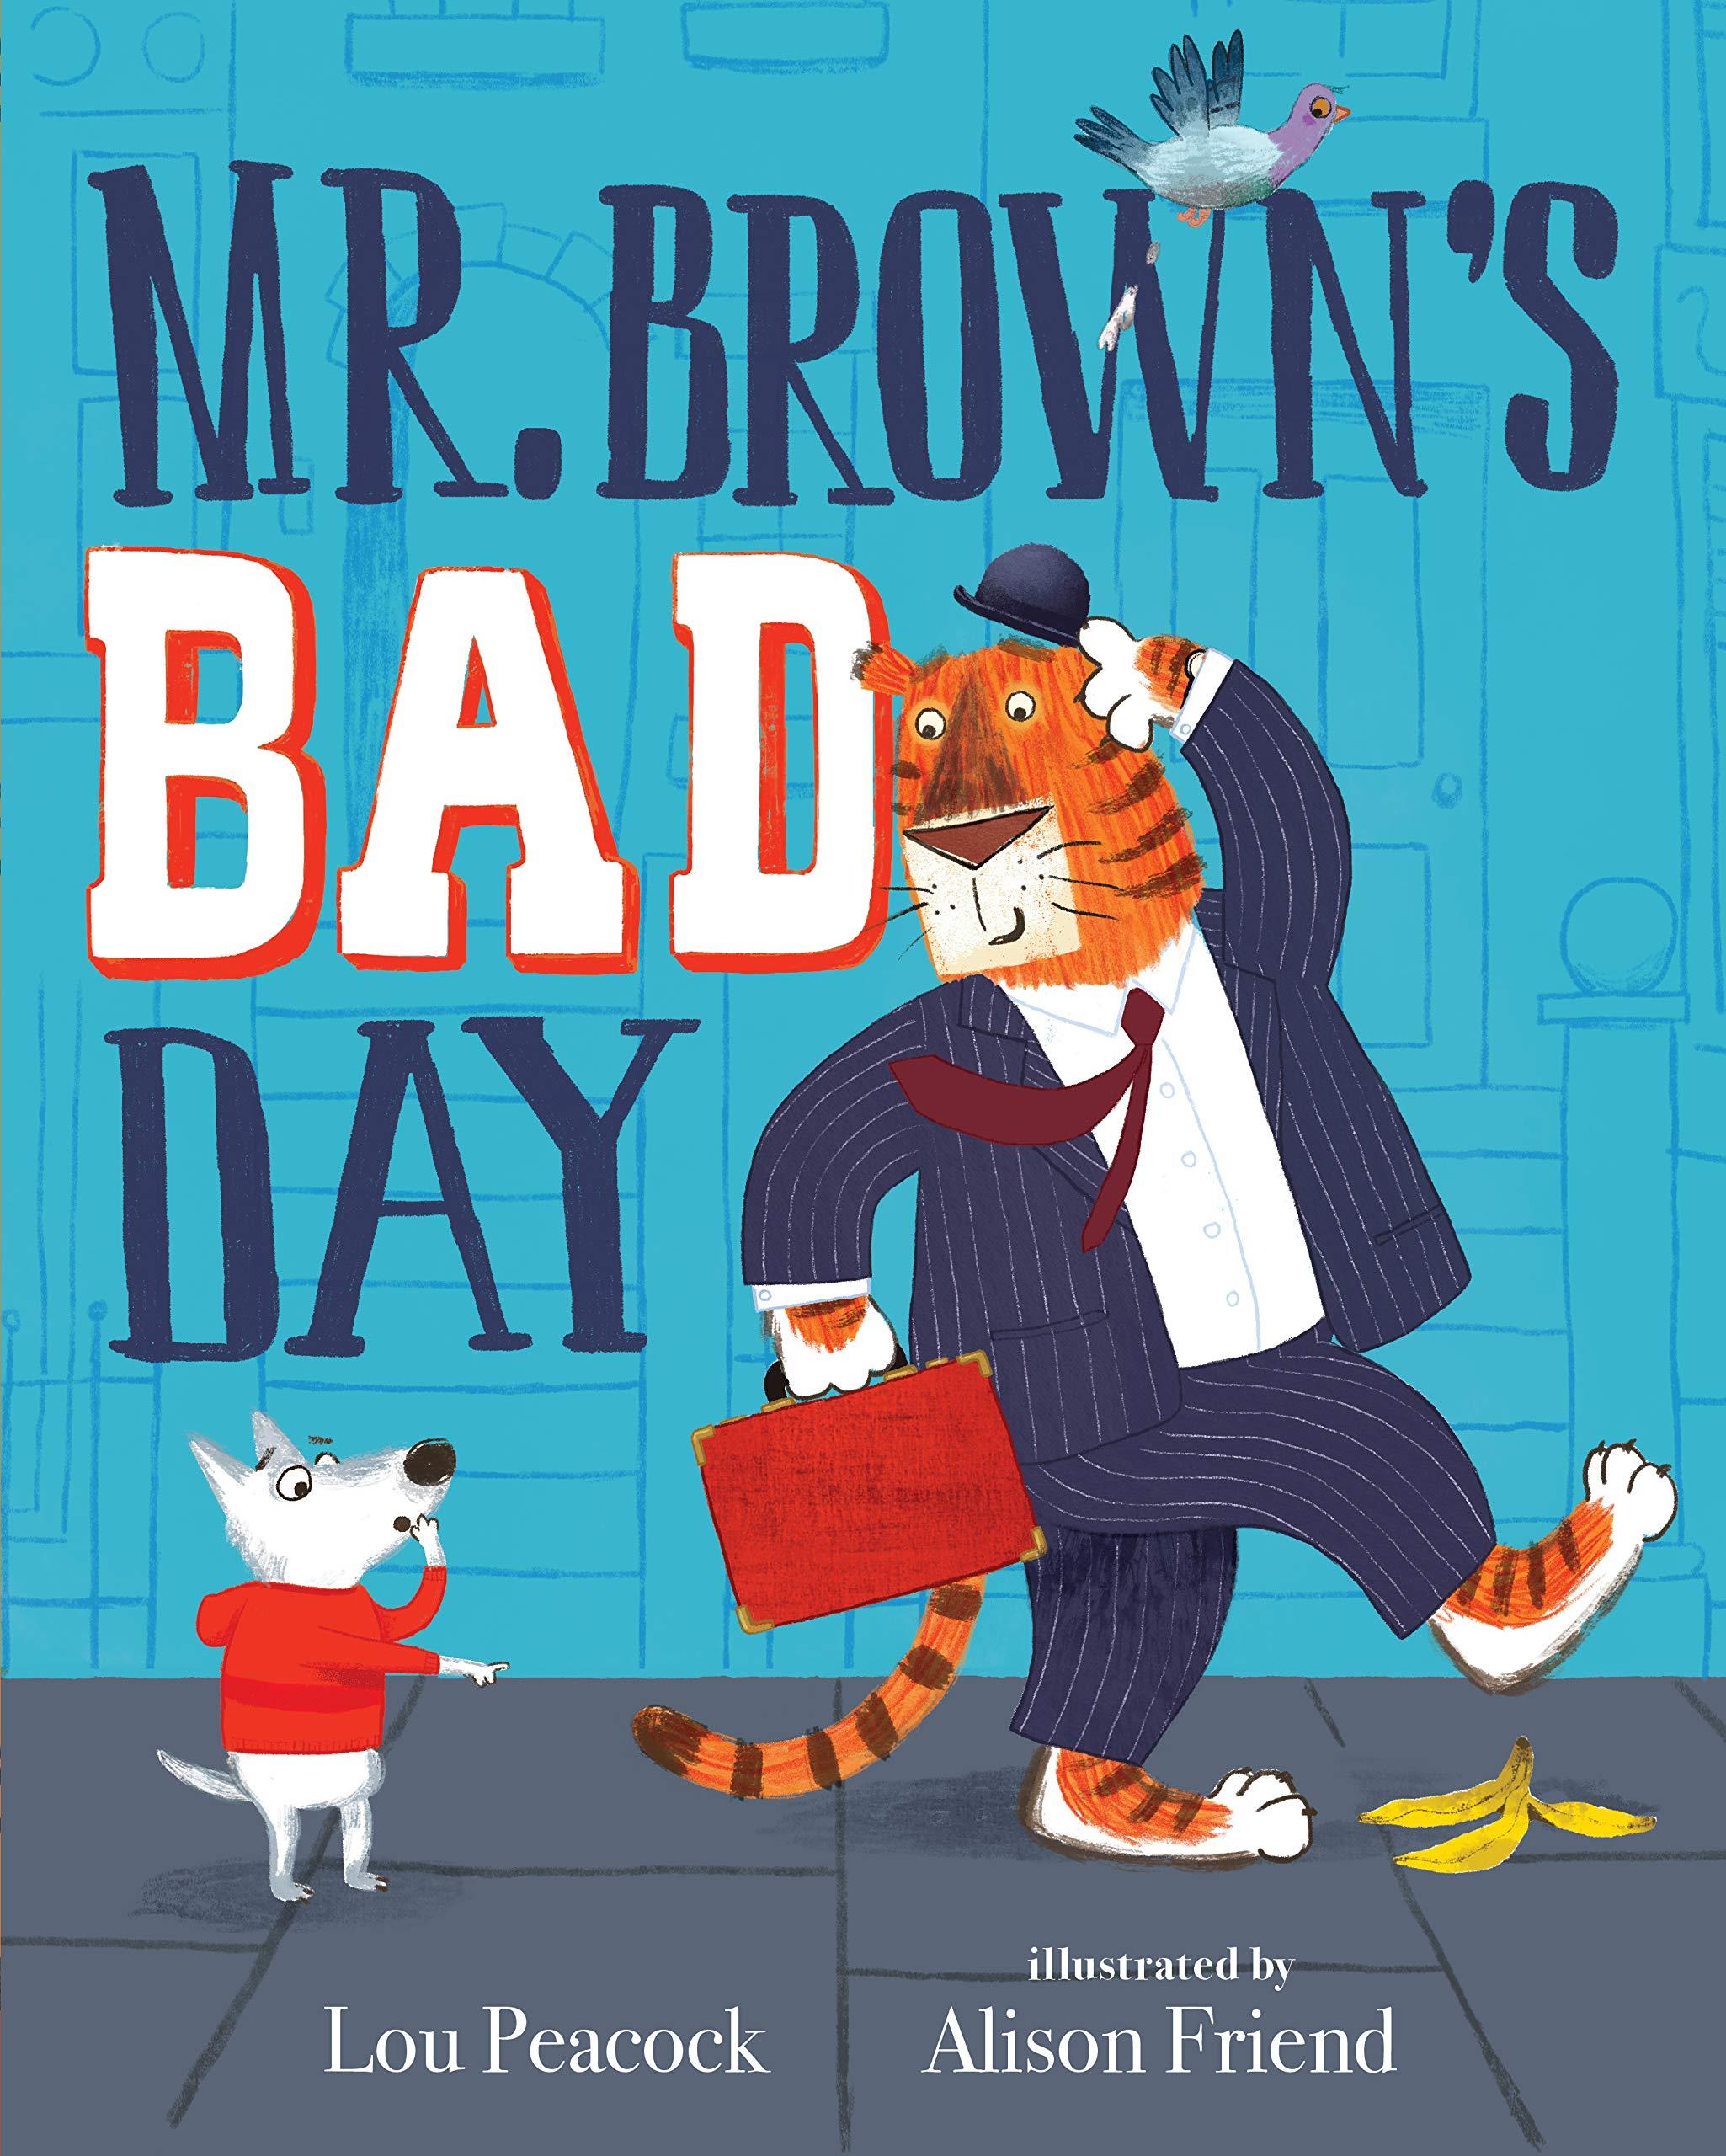 Amazon.com: Mr. Brown's Bad Day (9781536214369): Peacock, Lou, Friend,  Alison: Books